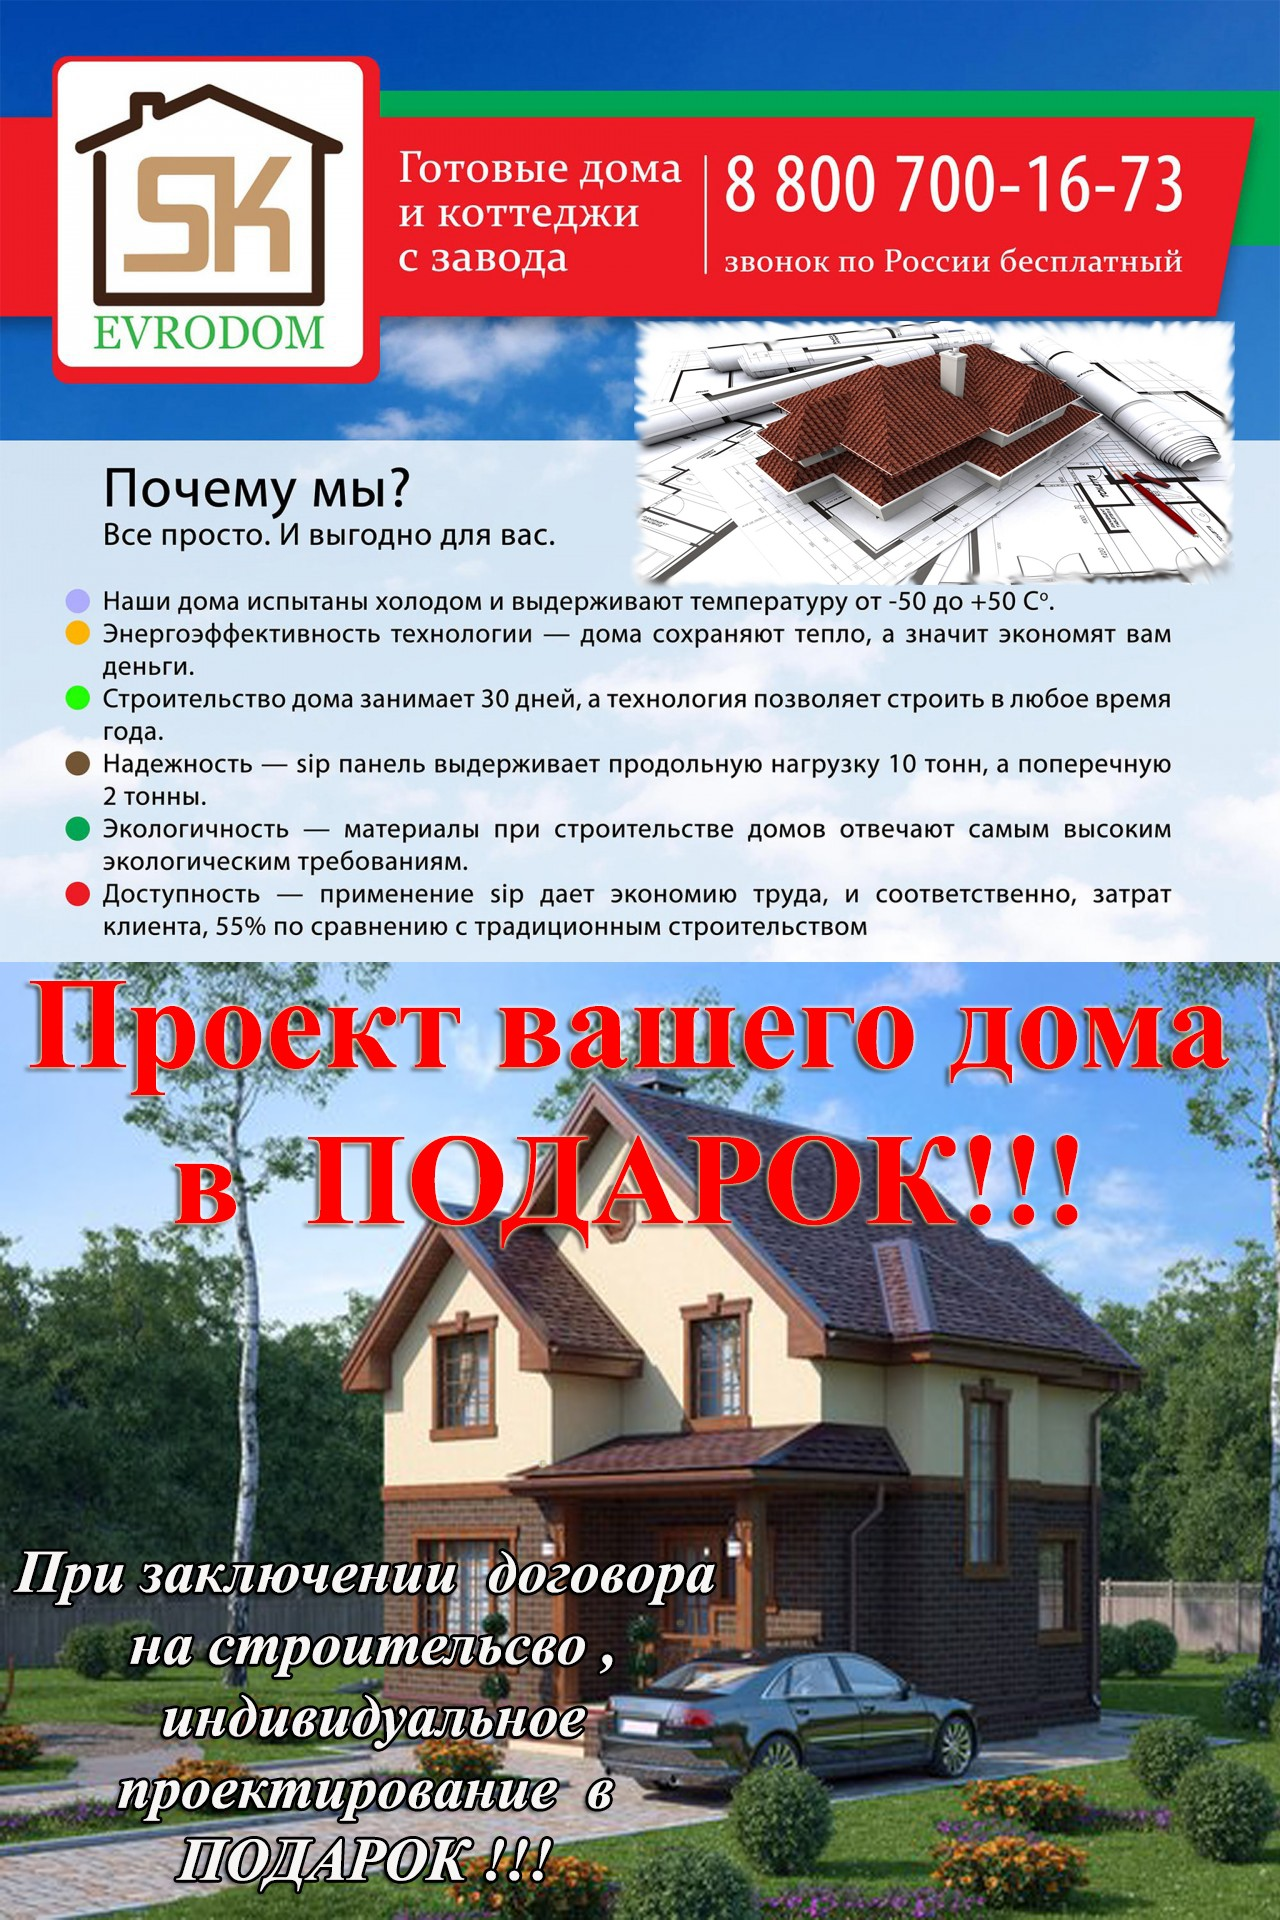 Проект Вашего дома в ПОДАРОК!!!